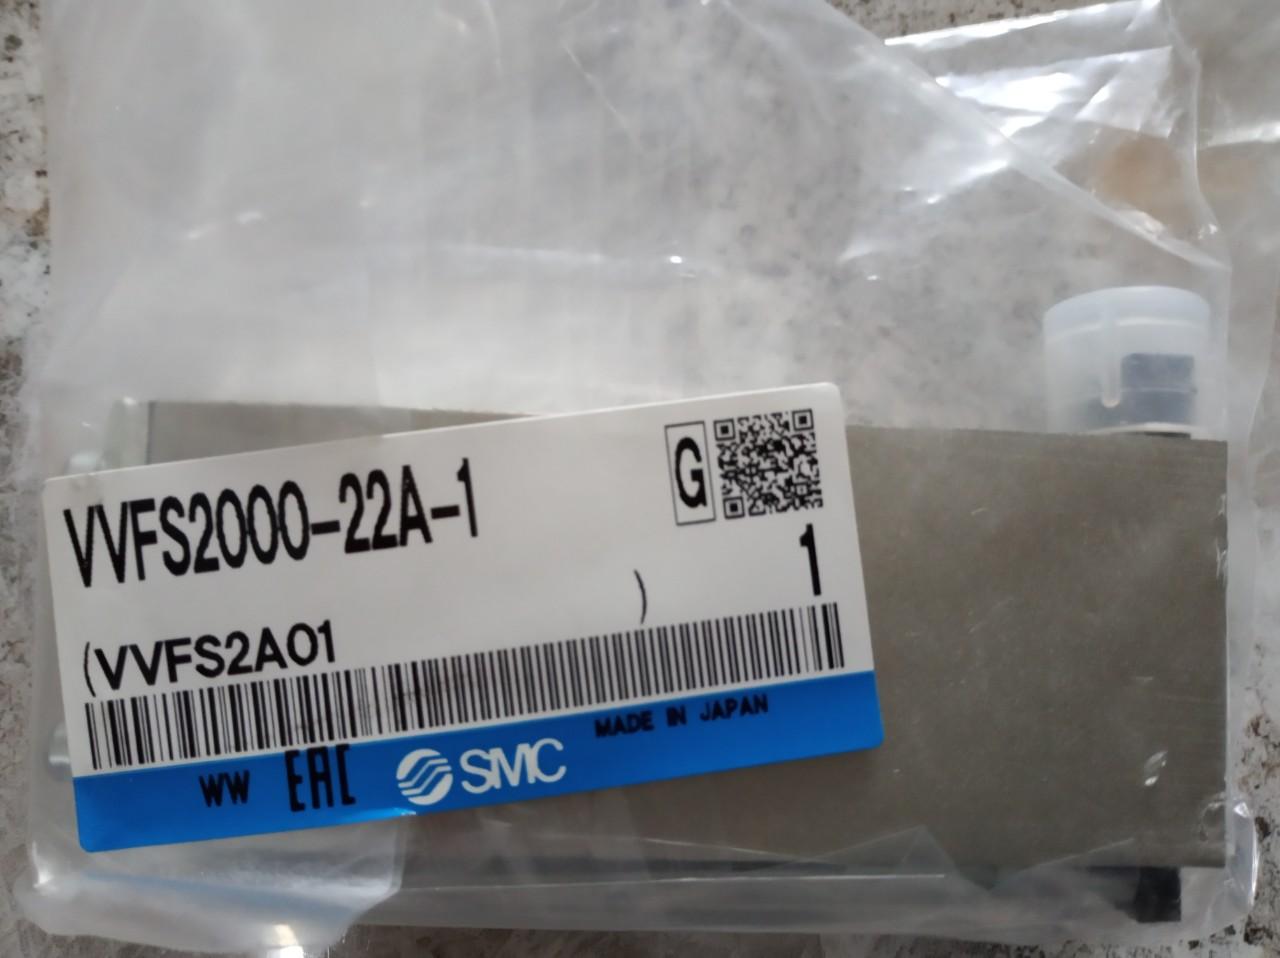 SMC WF2000-22A-1